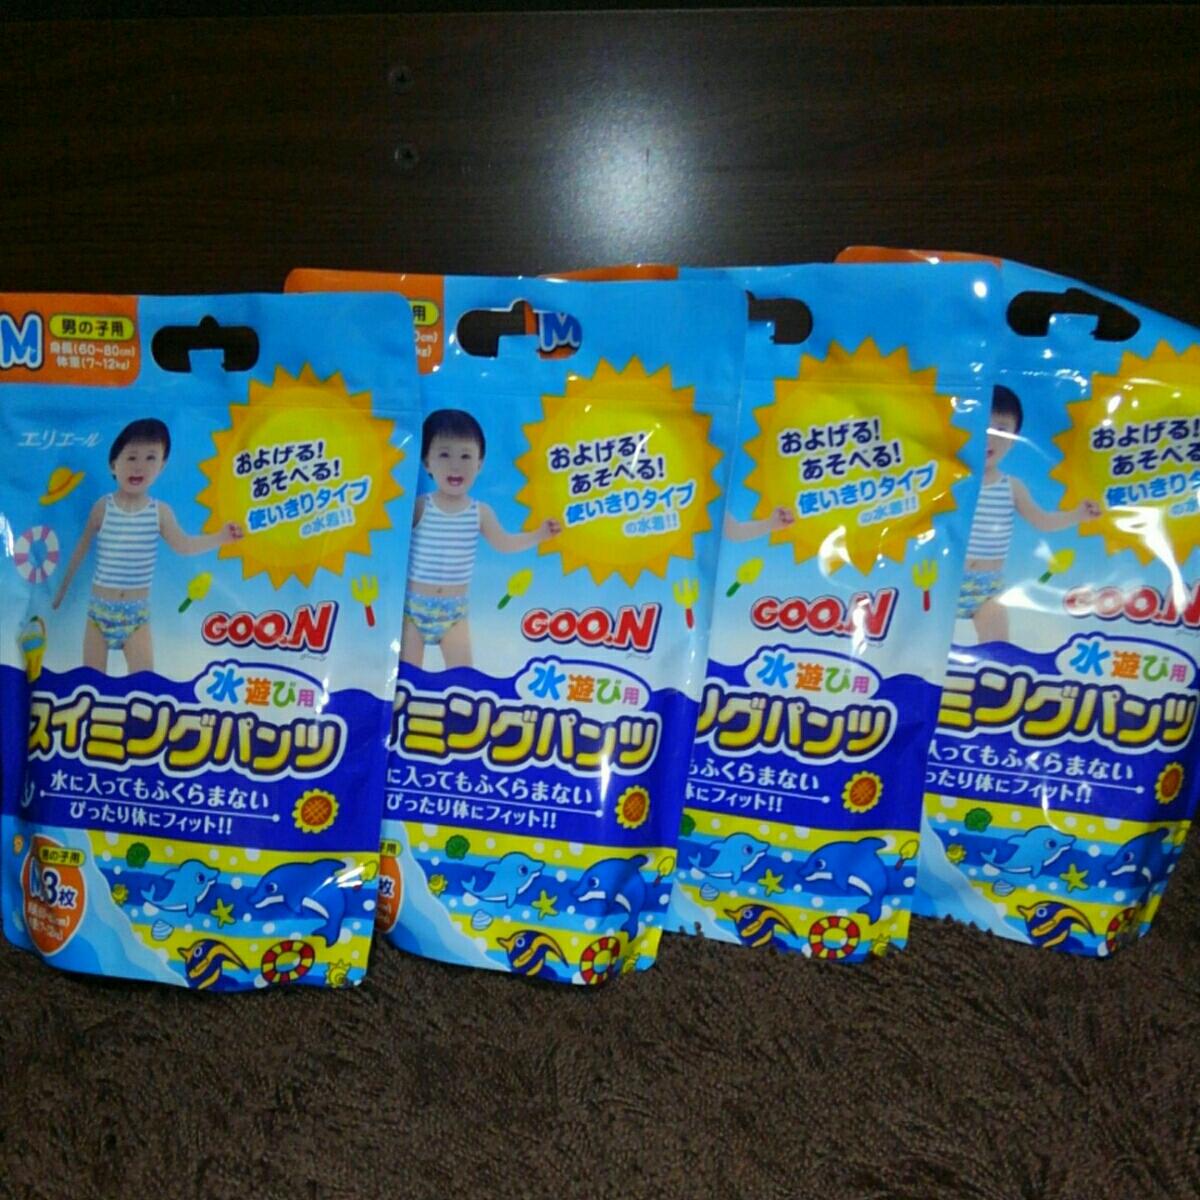 【未開封】グーン(GOON) スイミングパンツ 水遊び用♪Mサイズ(7~12kg ) 男の子用 3枚×4袋=12枚♪②